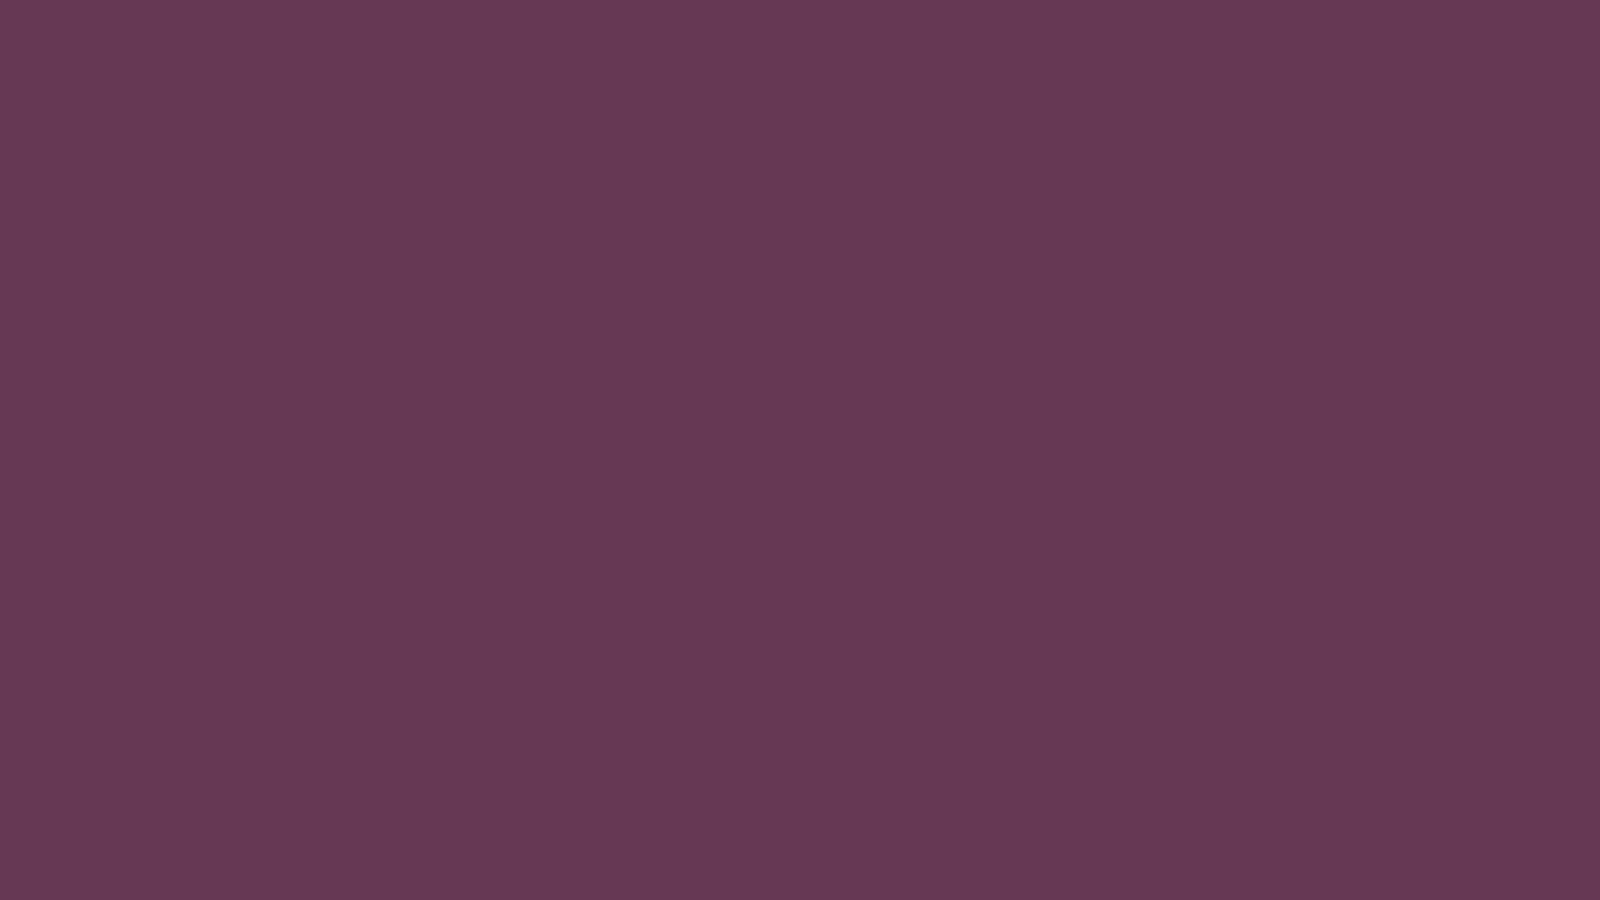 1600x900 Halaya Ube Solid Color Background